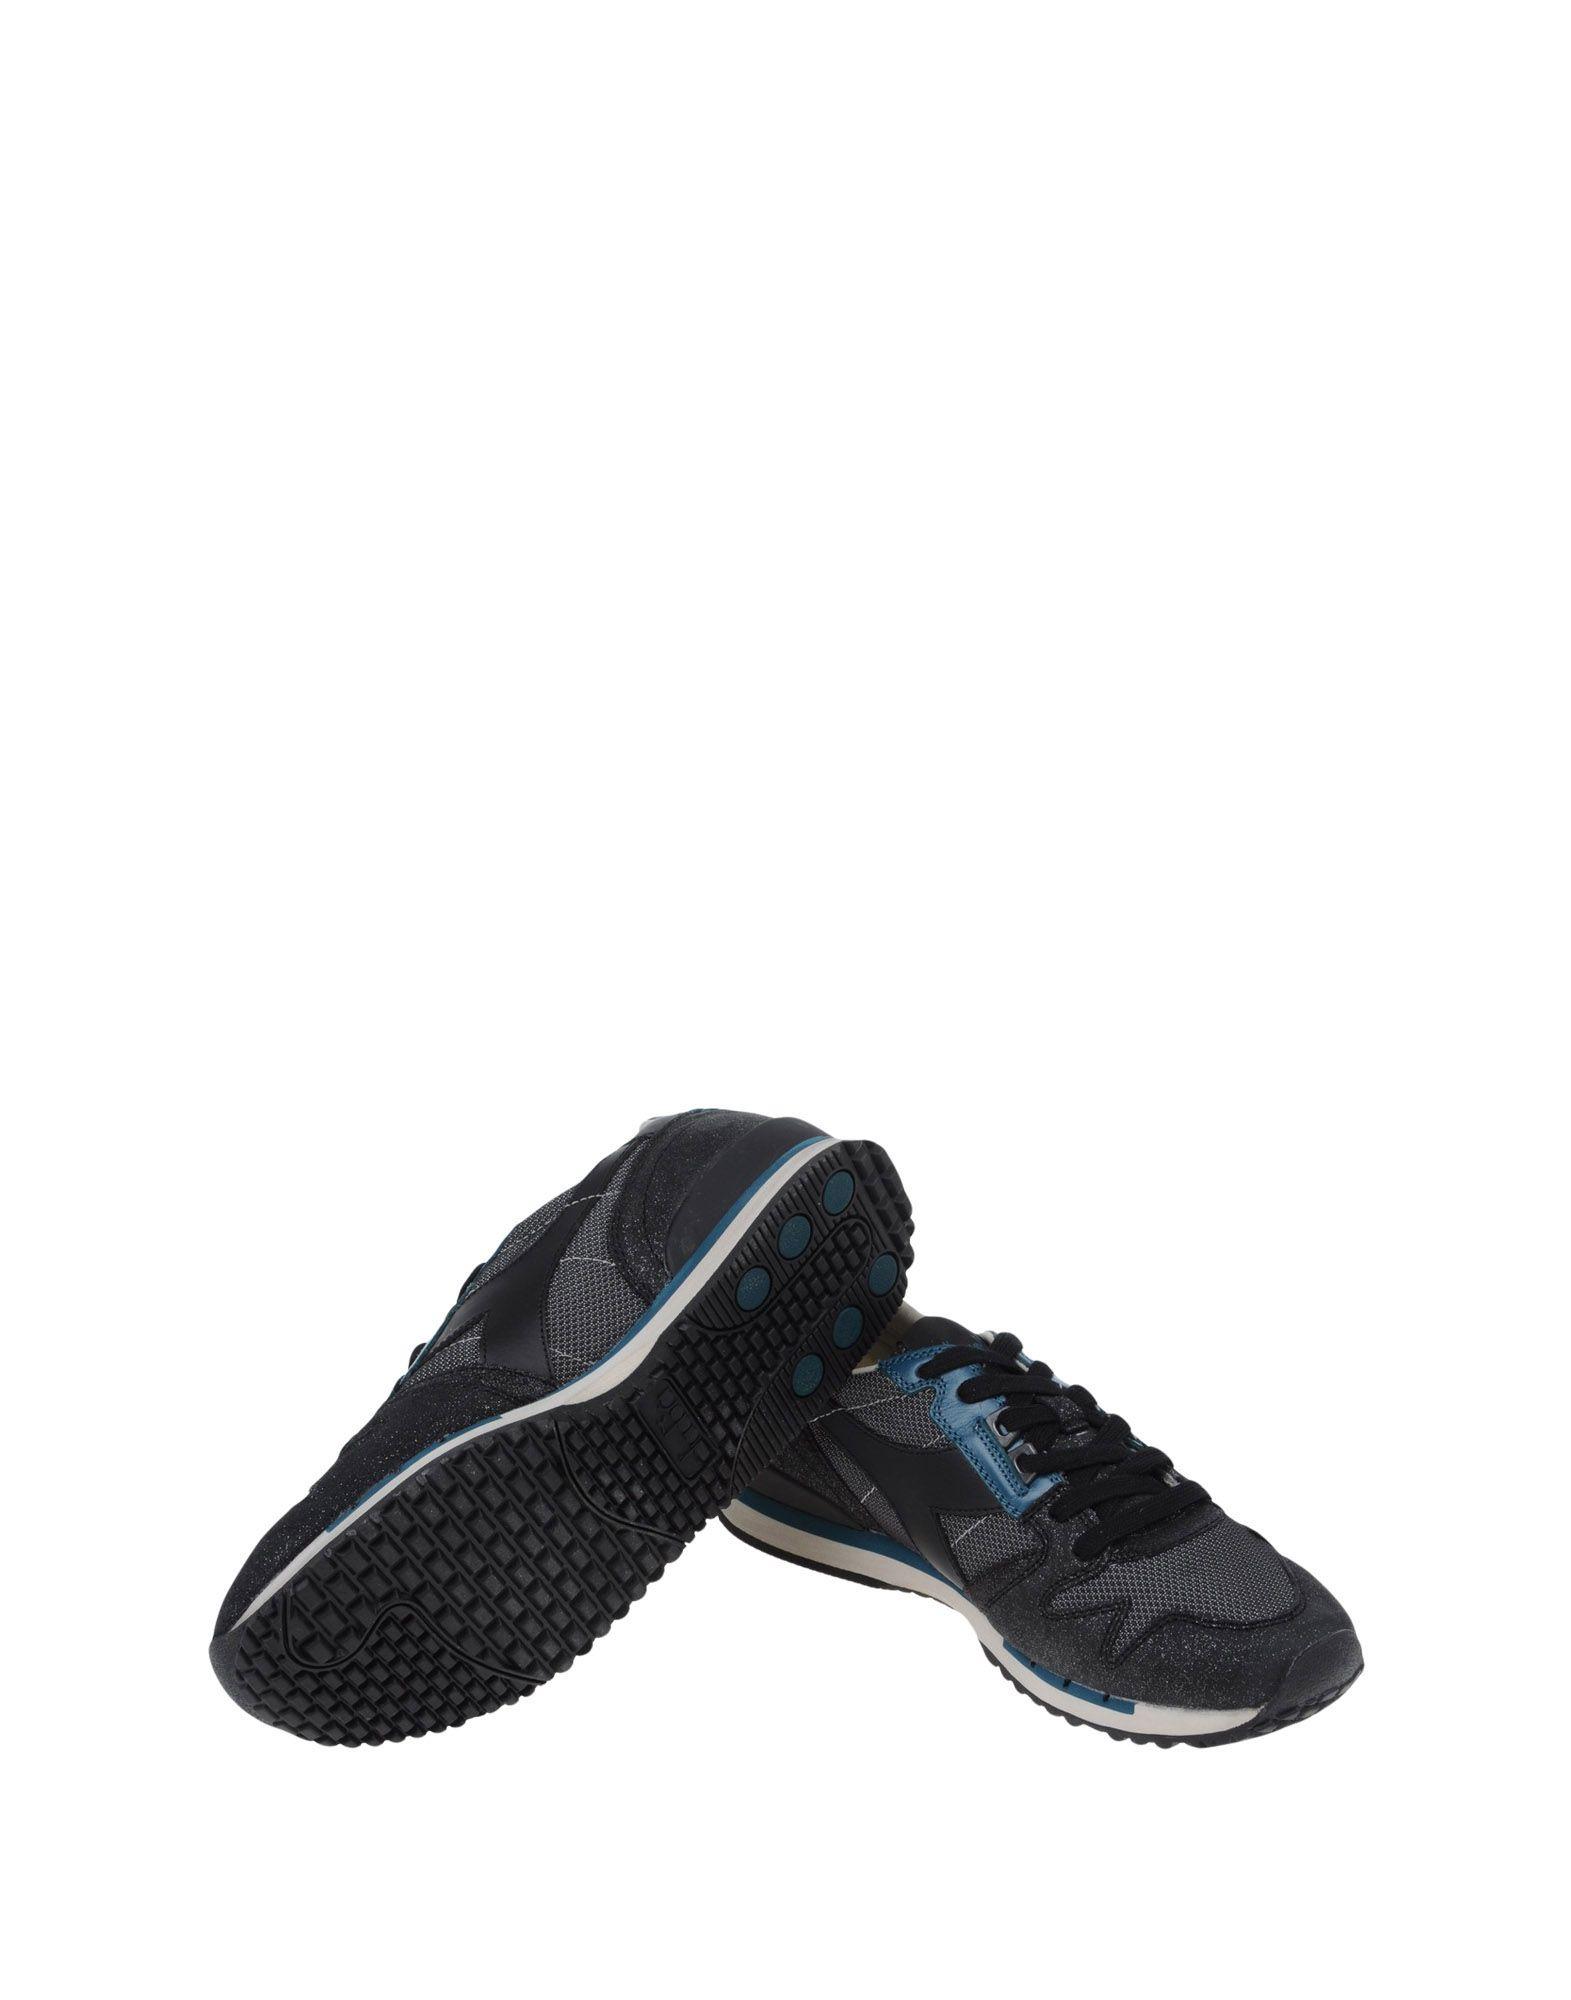 Sneakers Diadora Heritage Exodus W Glitter - Femme - Sneakers Diadora Heritage sur